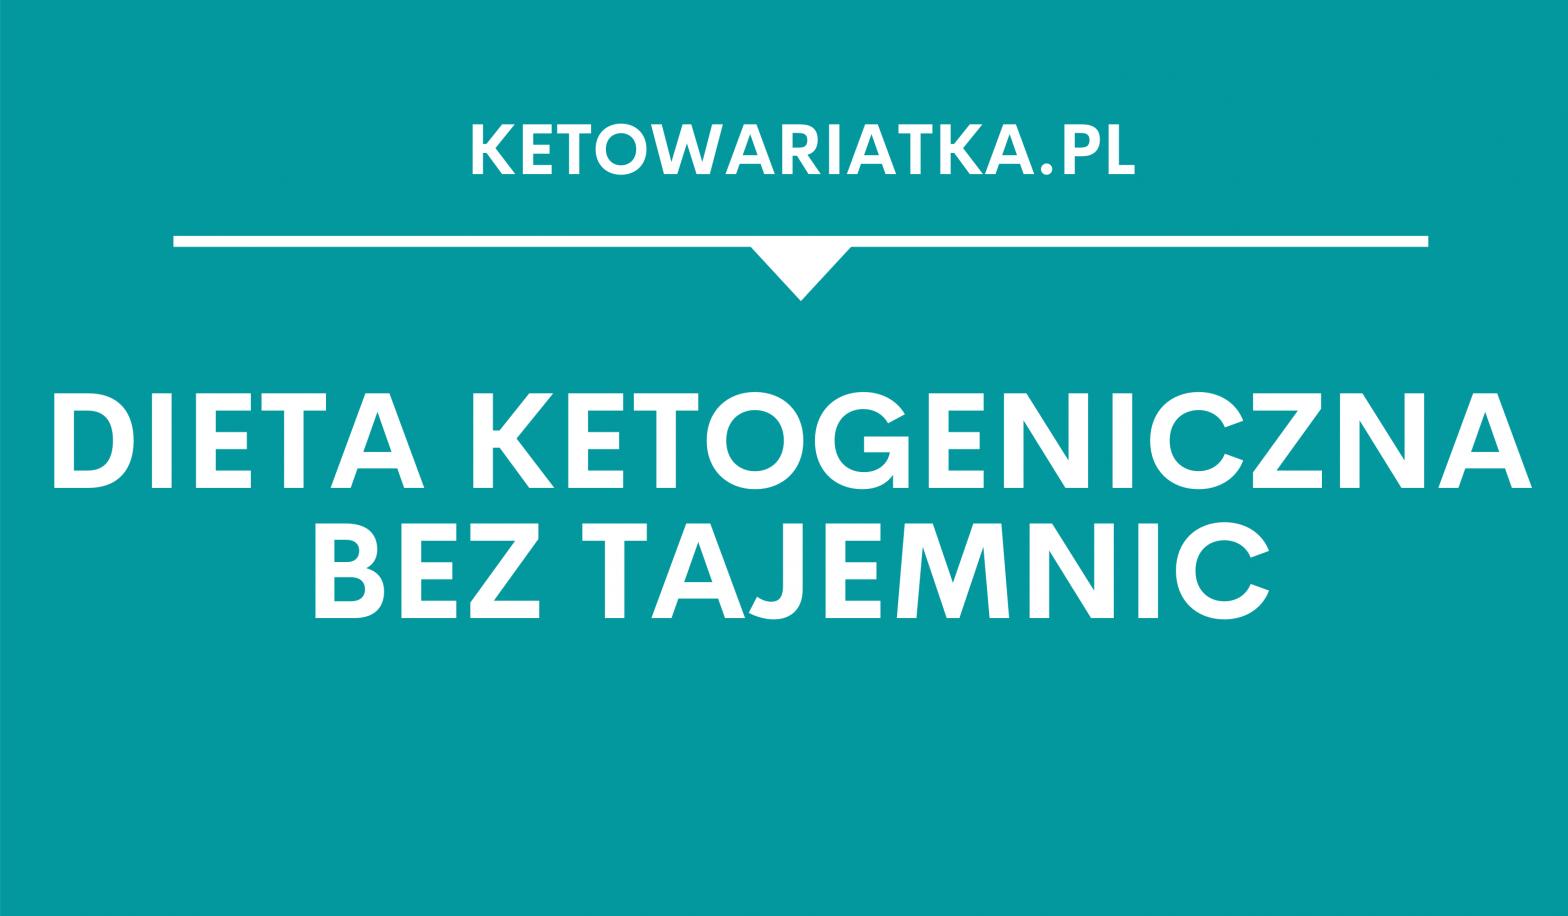 Dieta ketogeniczna bez tajemnic